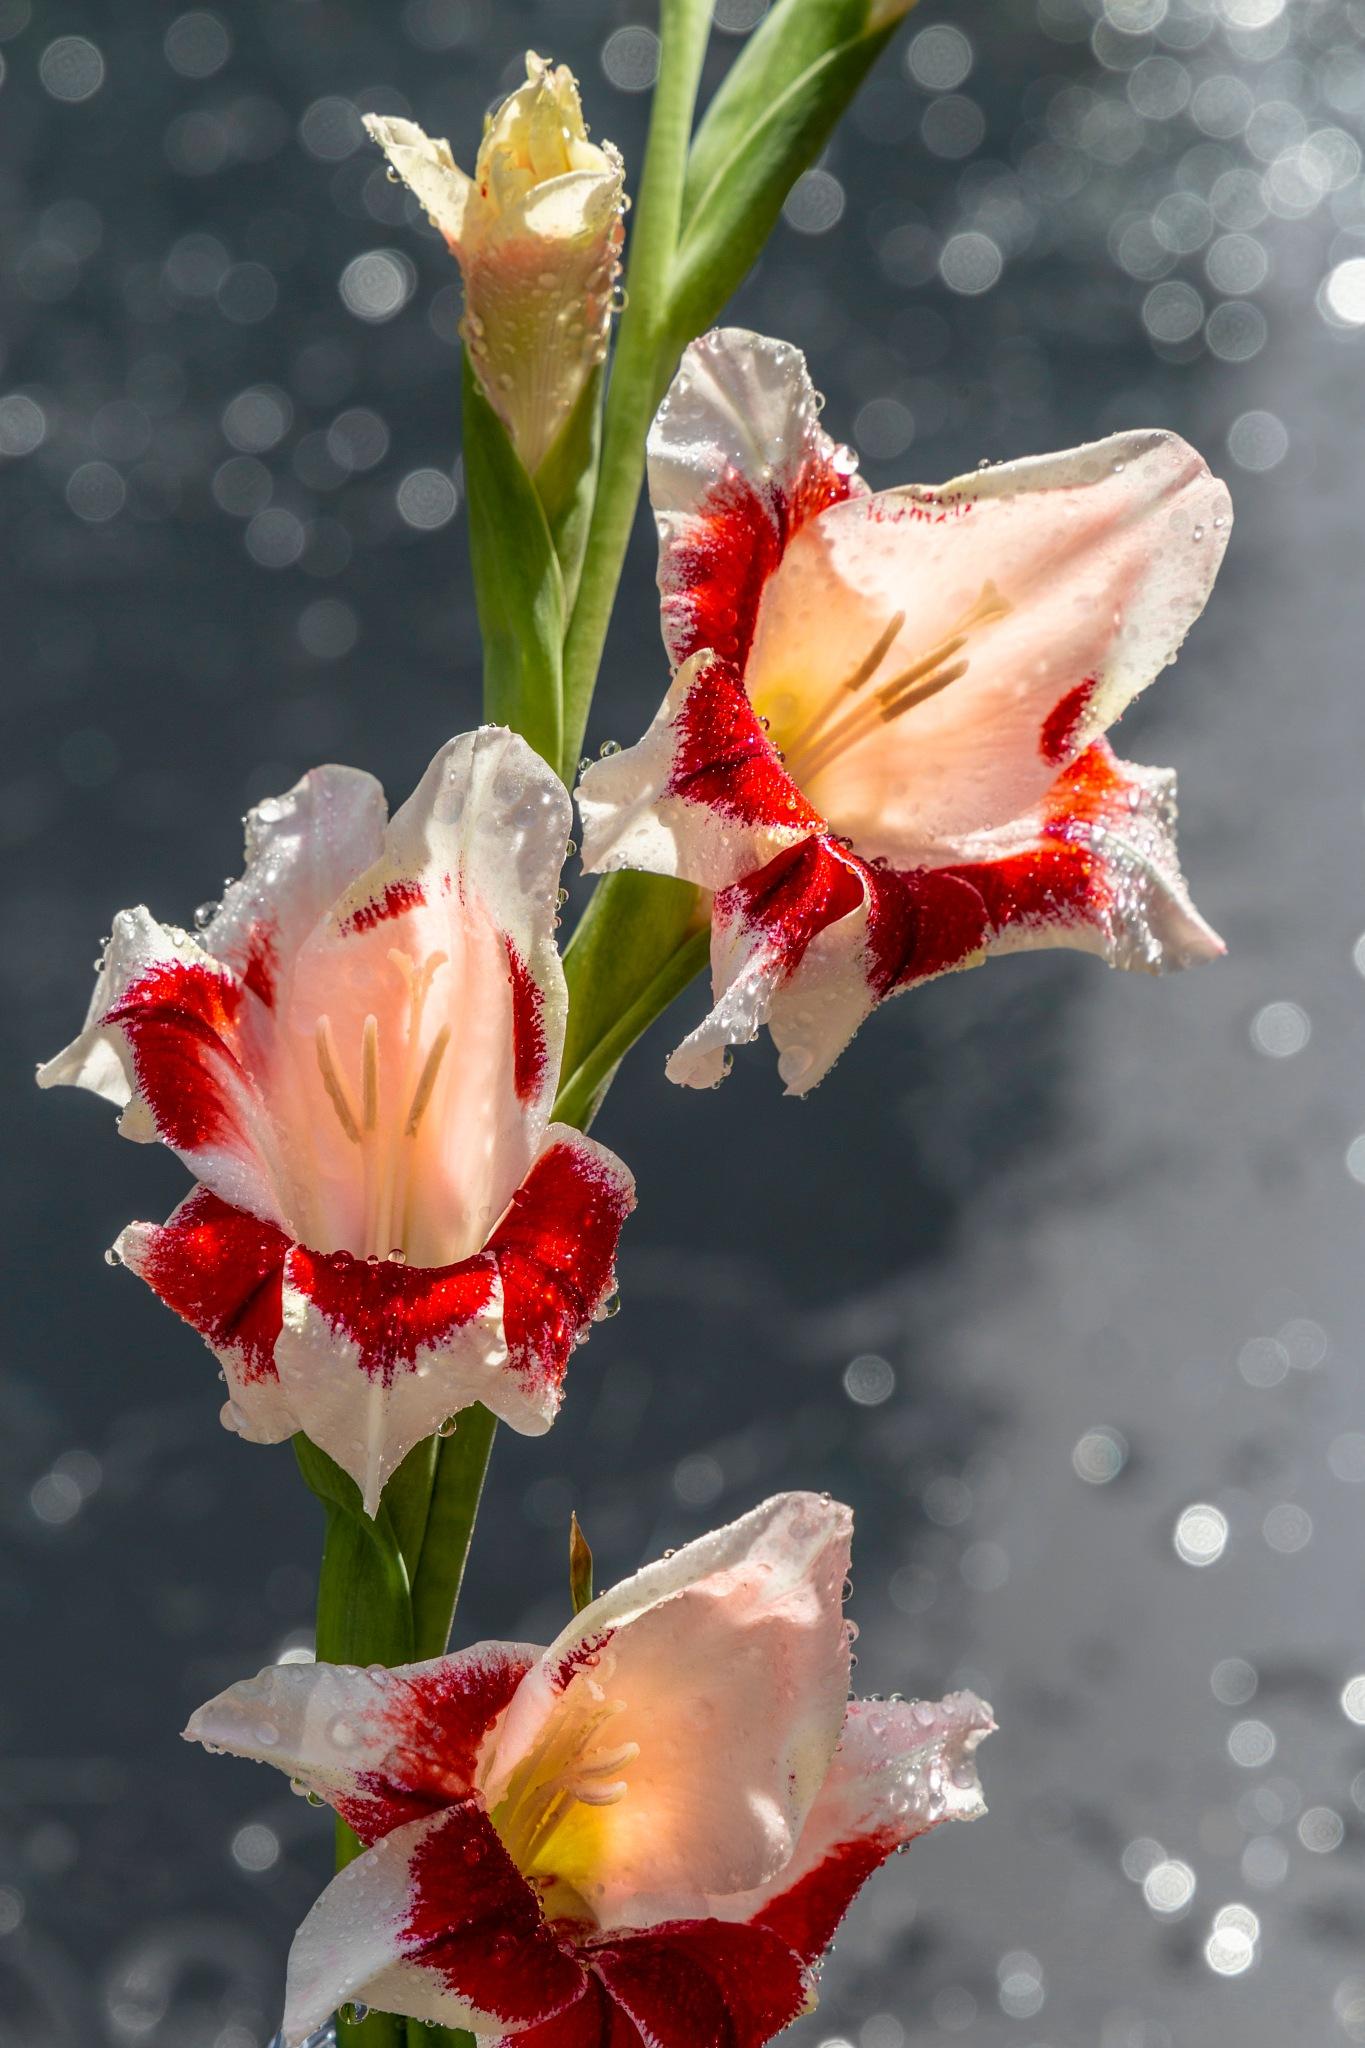 Gladiolus by carljan w carlsson